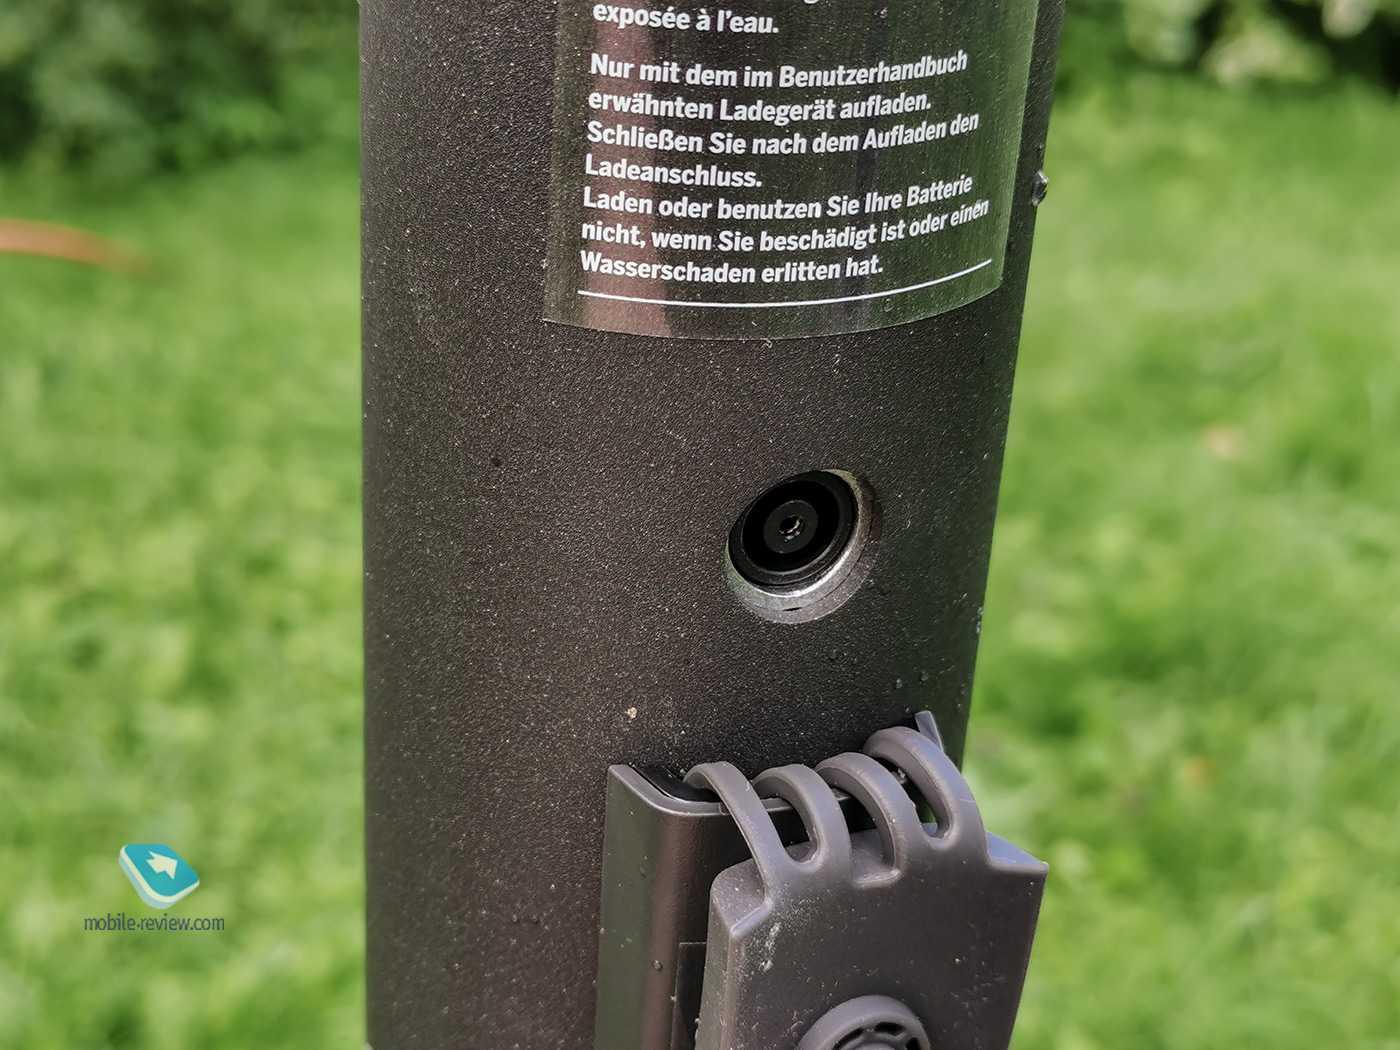 Роллс-ройс среди самокатов — ninebot kickscooter es4 by segway / блог компании gearbest.com / хабр